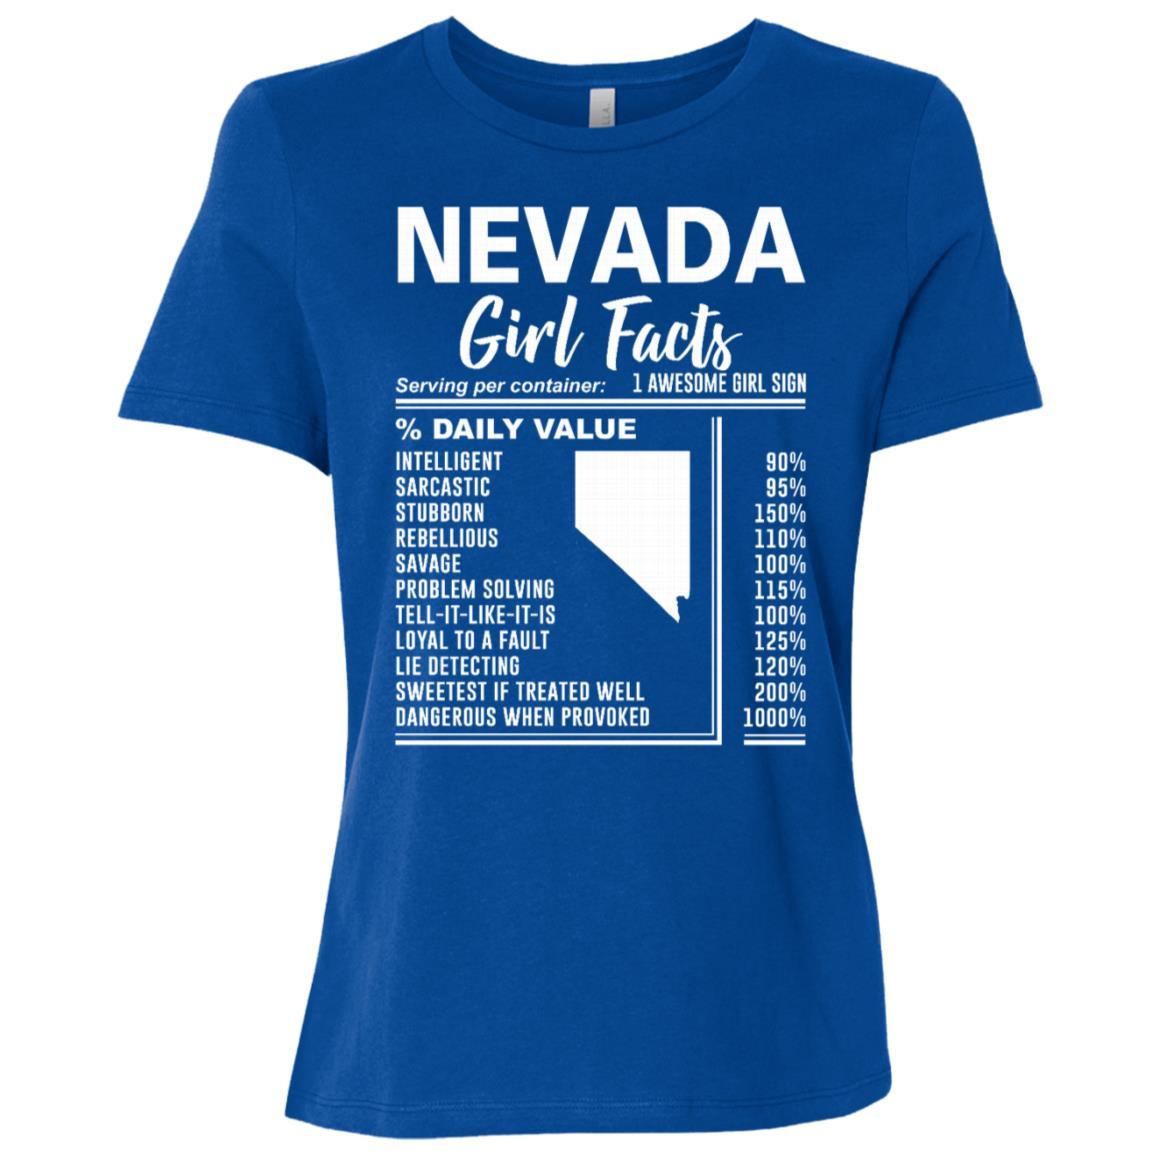 Born in Nevada – Nevada Girl Facts Women Short Sleeve T-Shirt